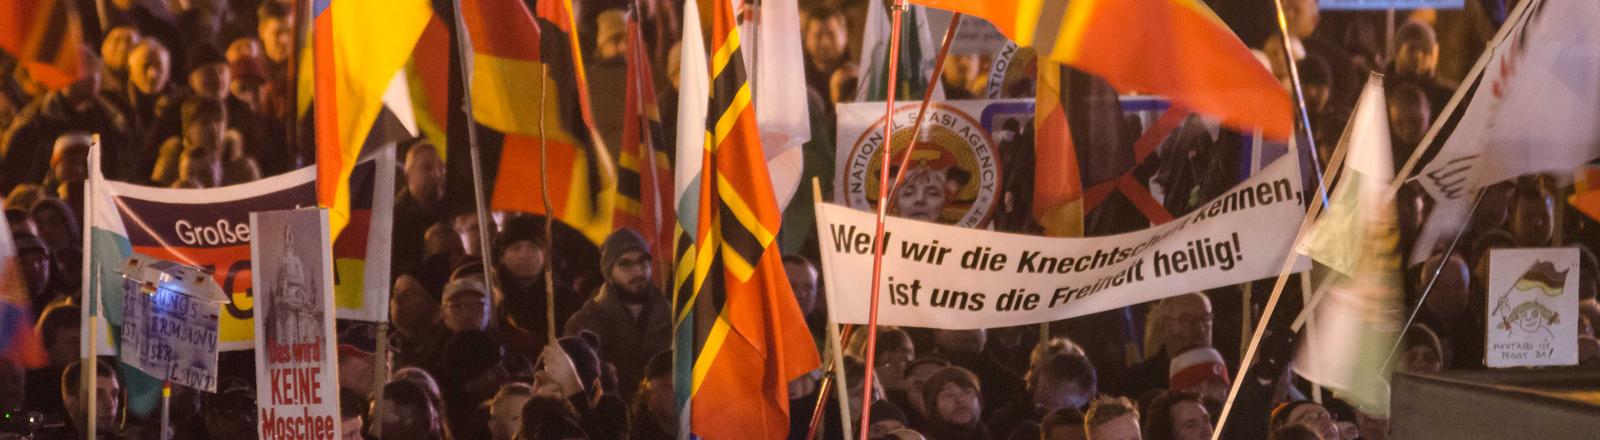 Die Anhänger des fremden- und islamfeindlichen Pegida-Bündnises demonstrieren am 25.01.2016 in Dresden (Sachsen) mit Fahnen und Transparenten.